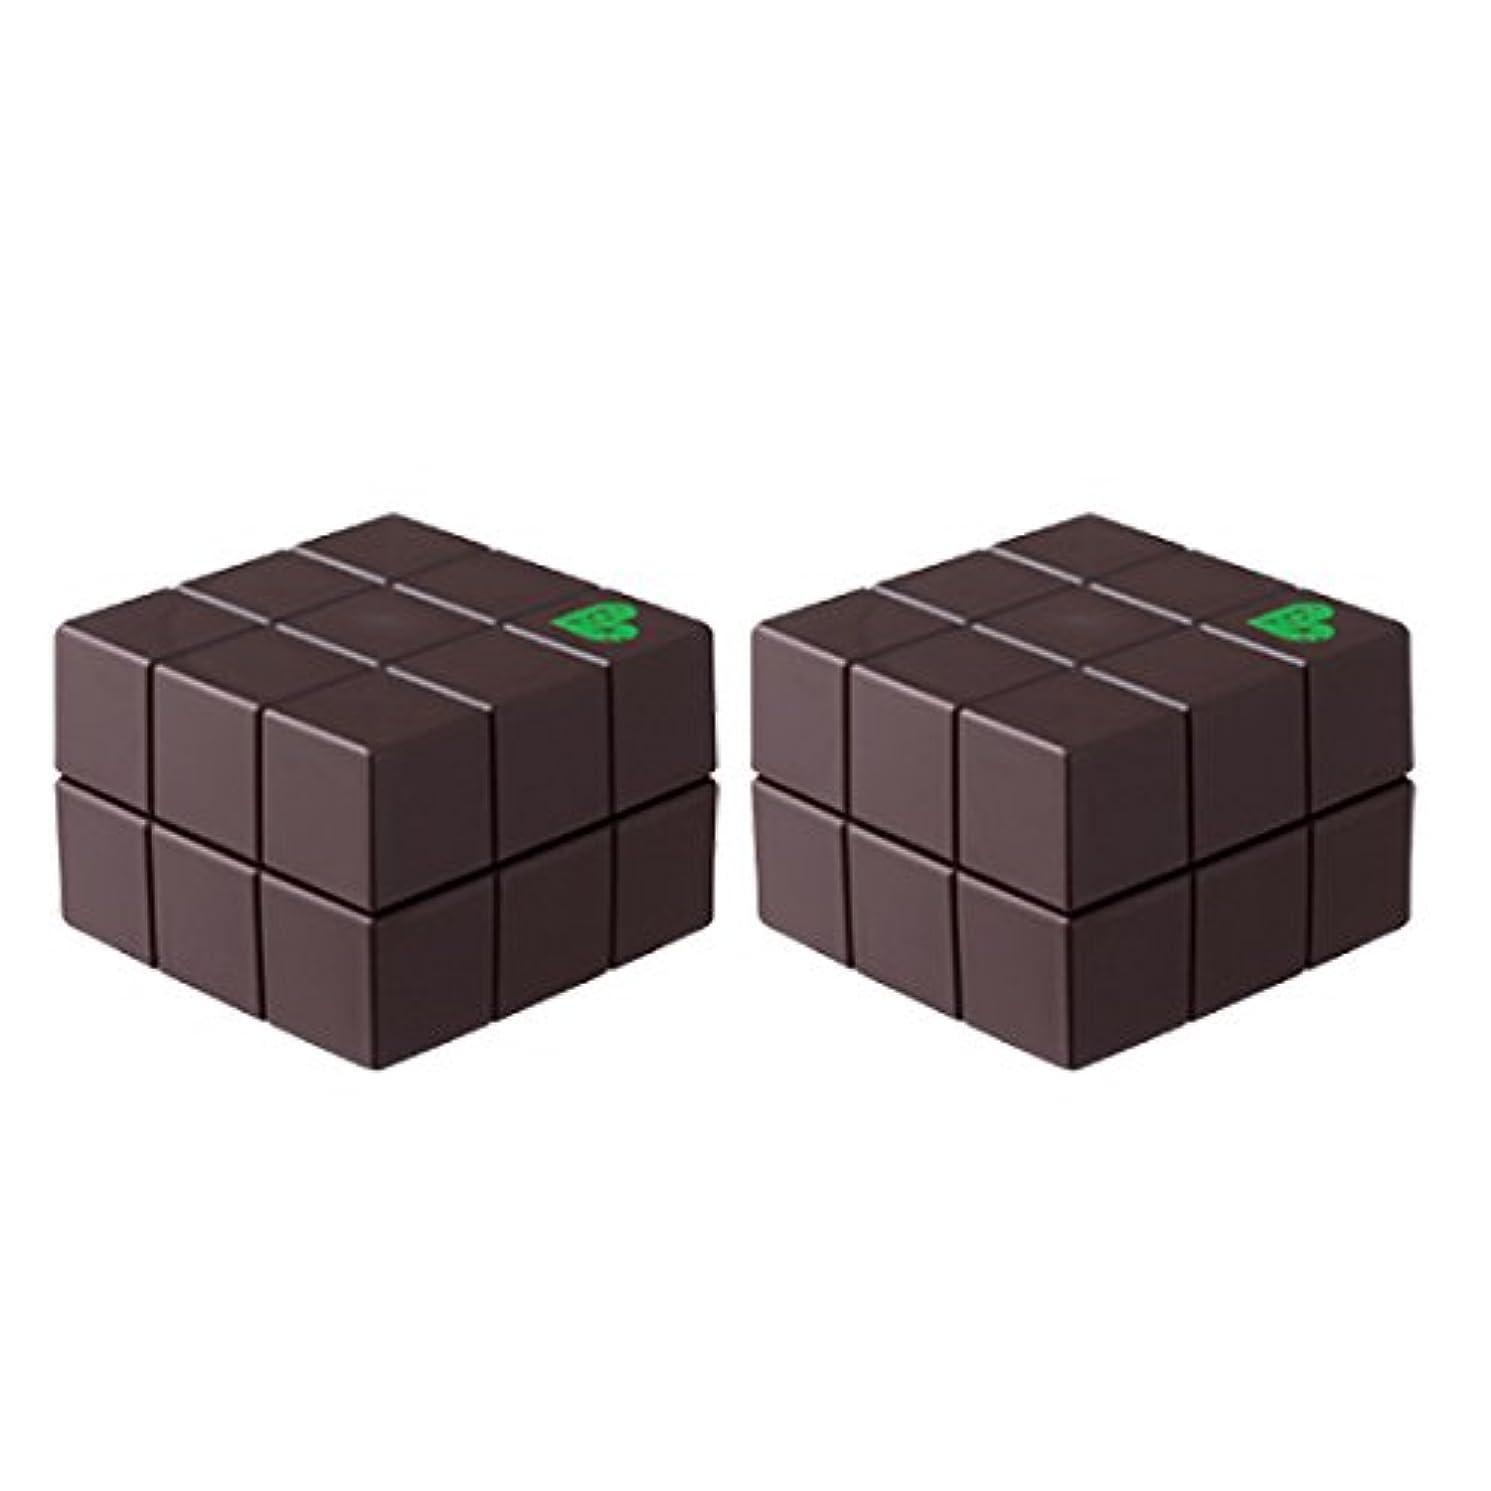 関連するに応じてチョップ【x2個セット】 アリミノ ピース プロデザインシリーズ ハードワックス チョコ 40g